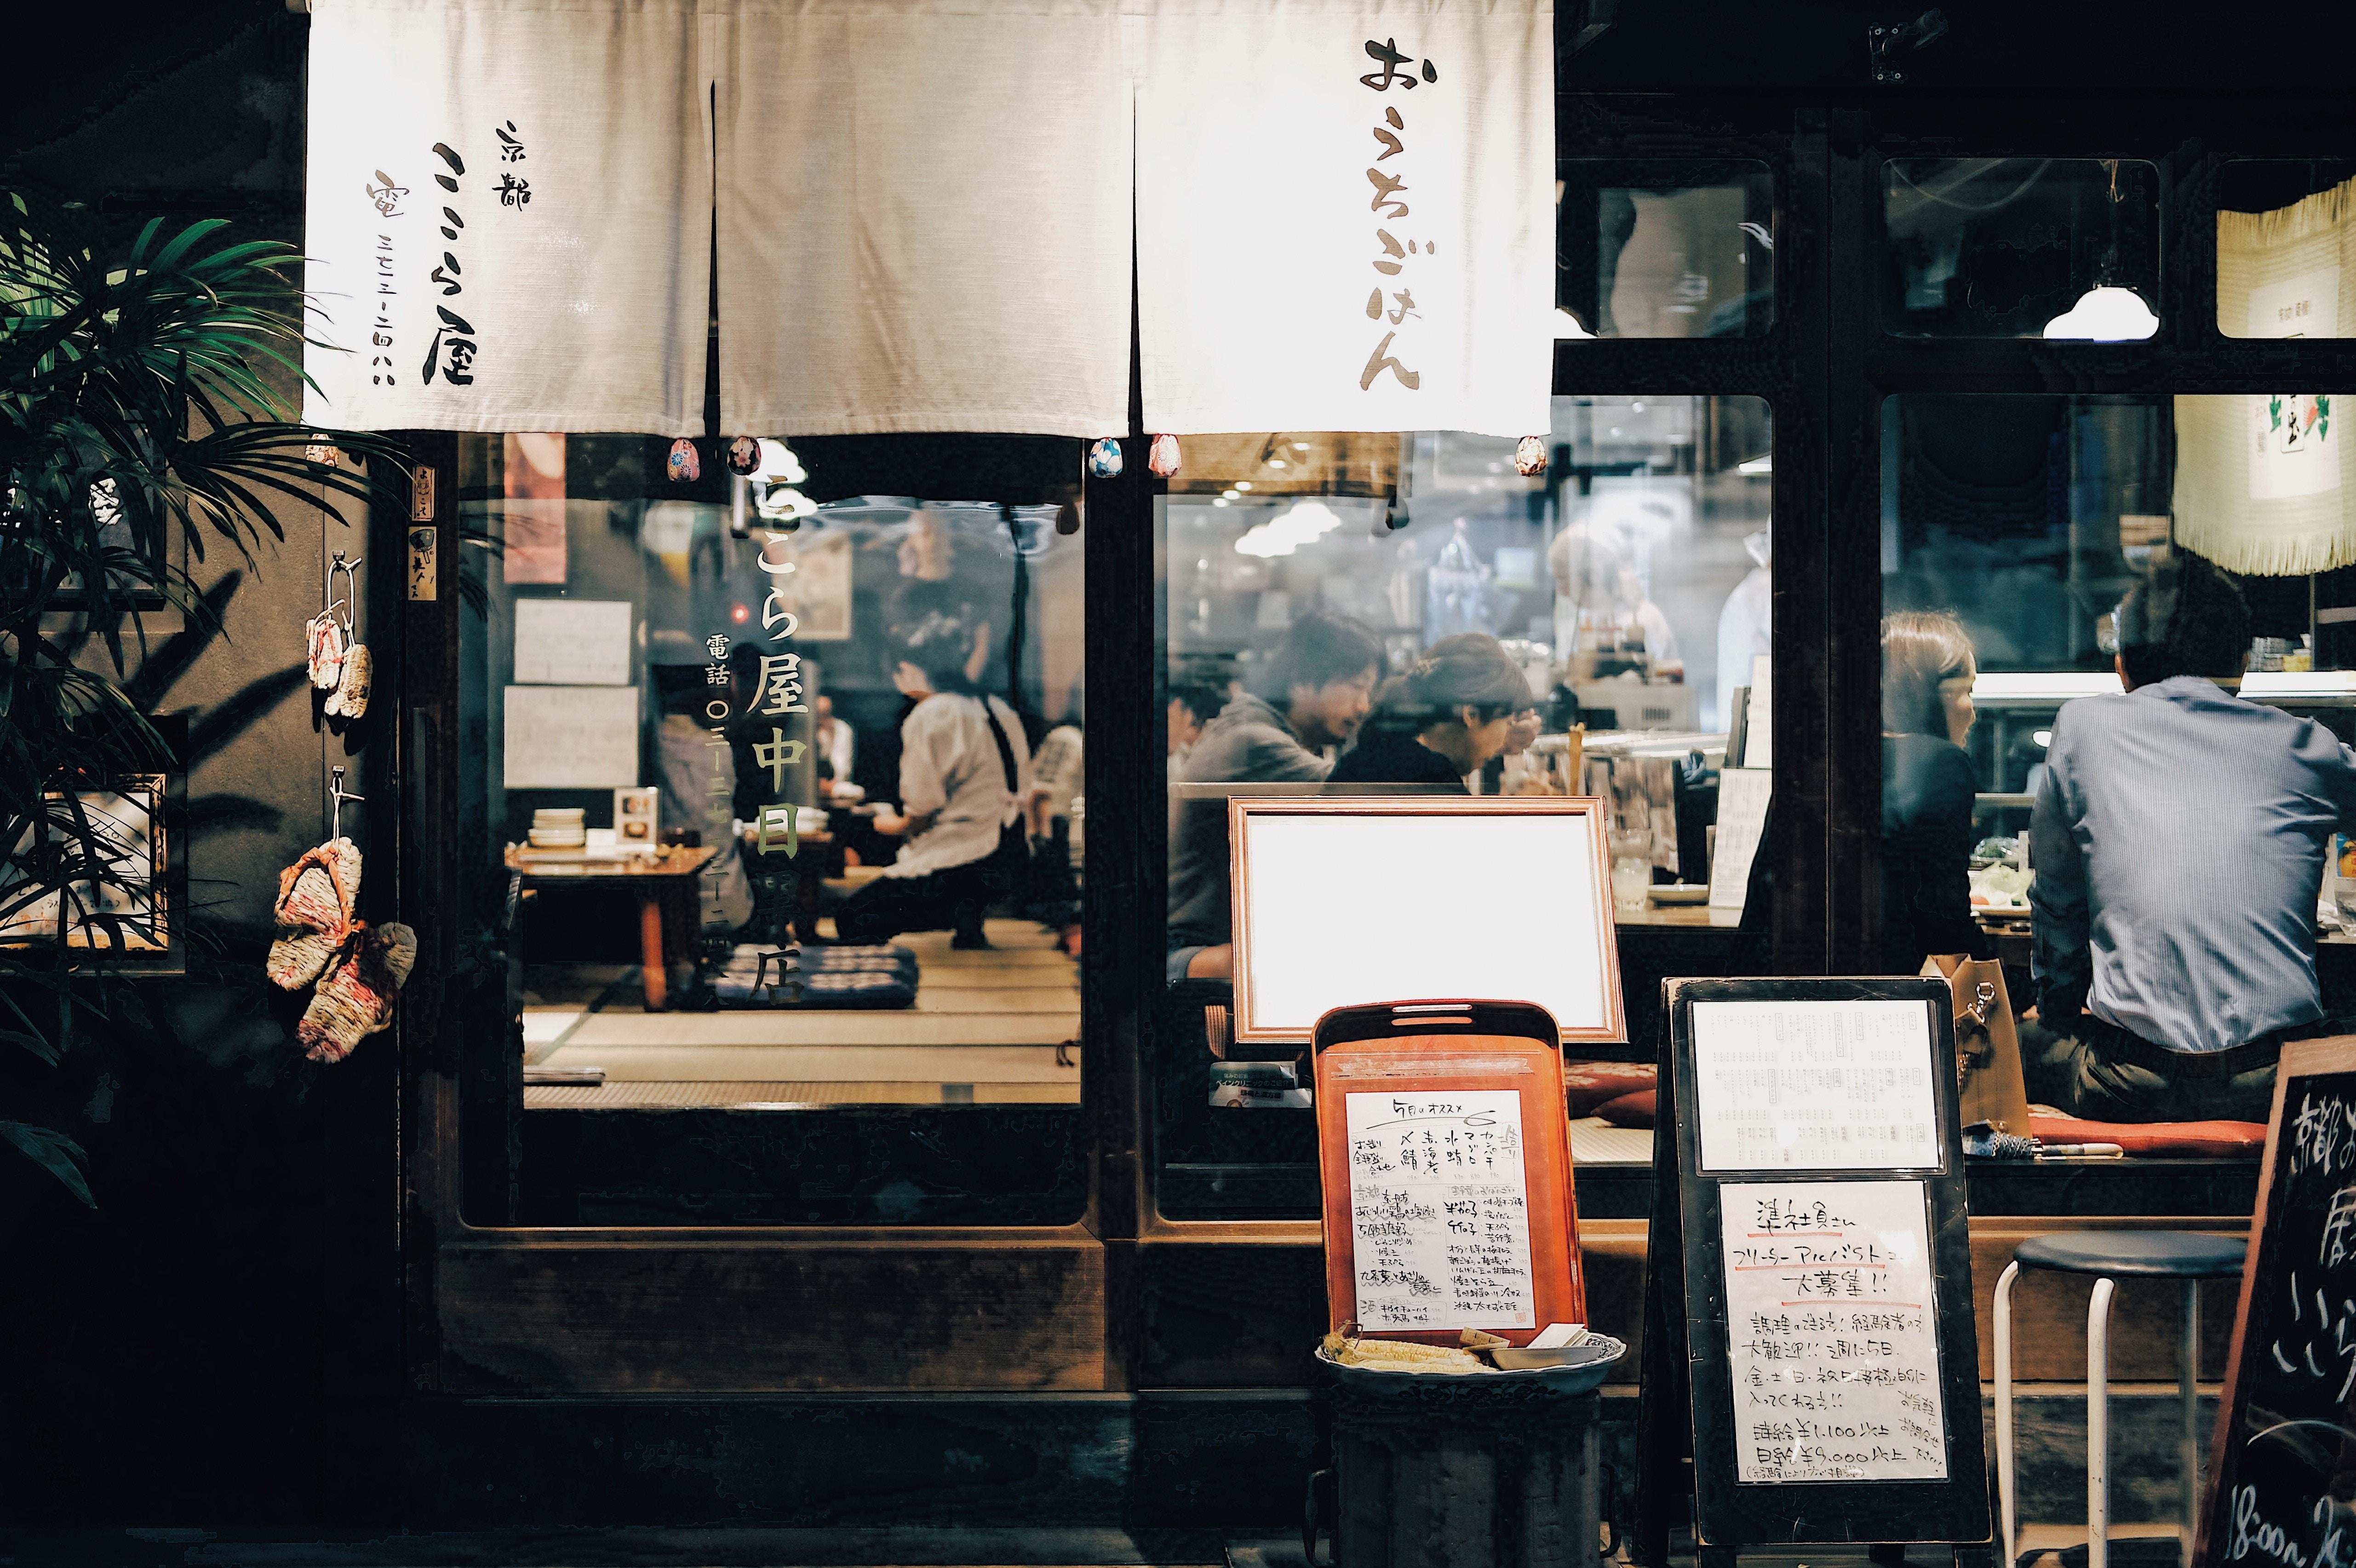 台灣人常見的十種日文問題(2)